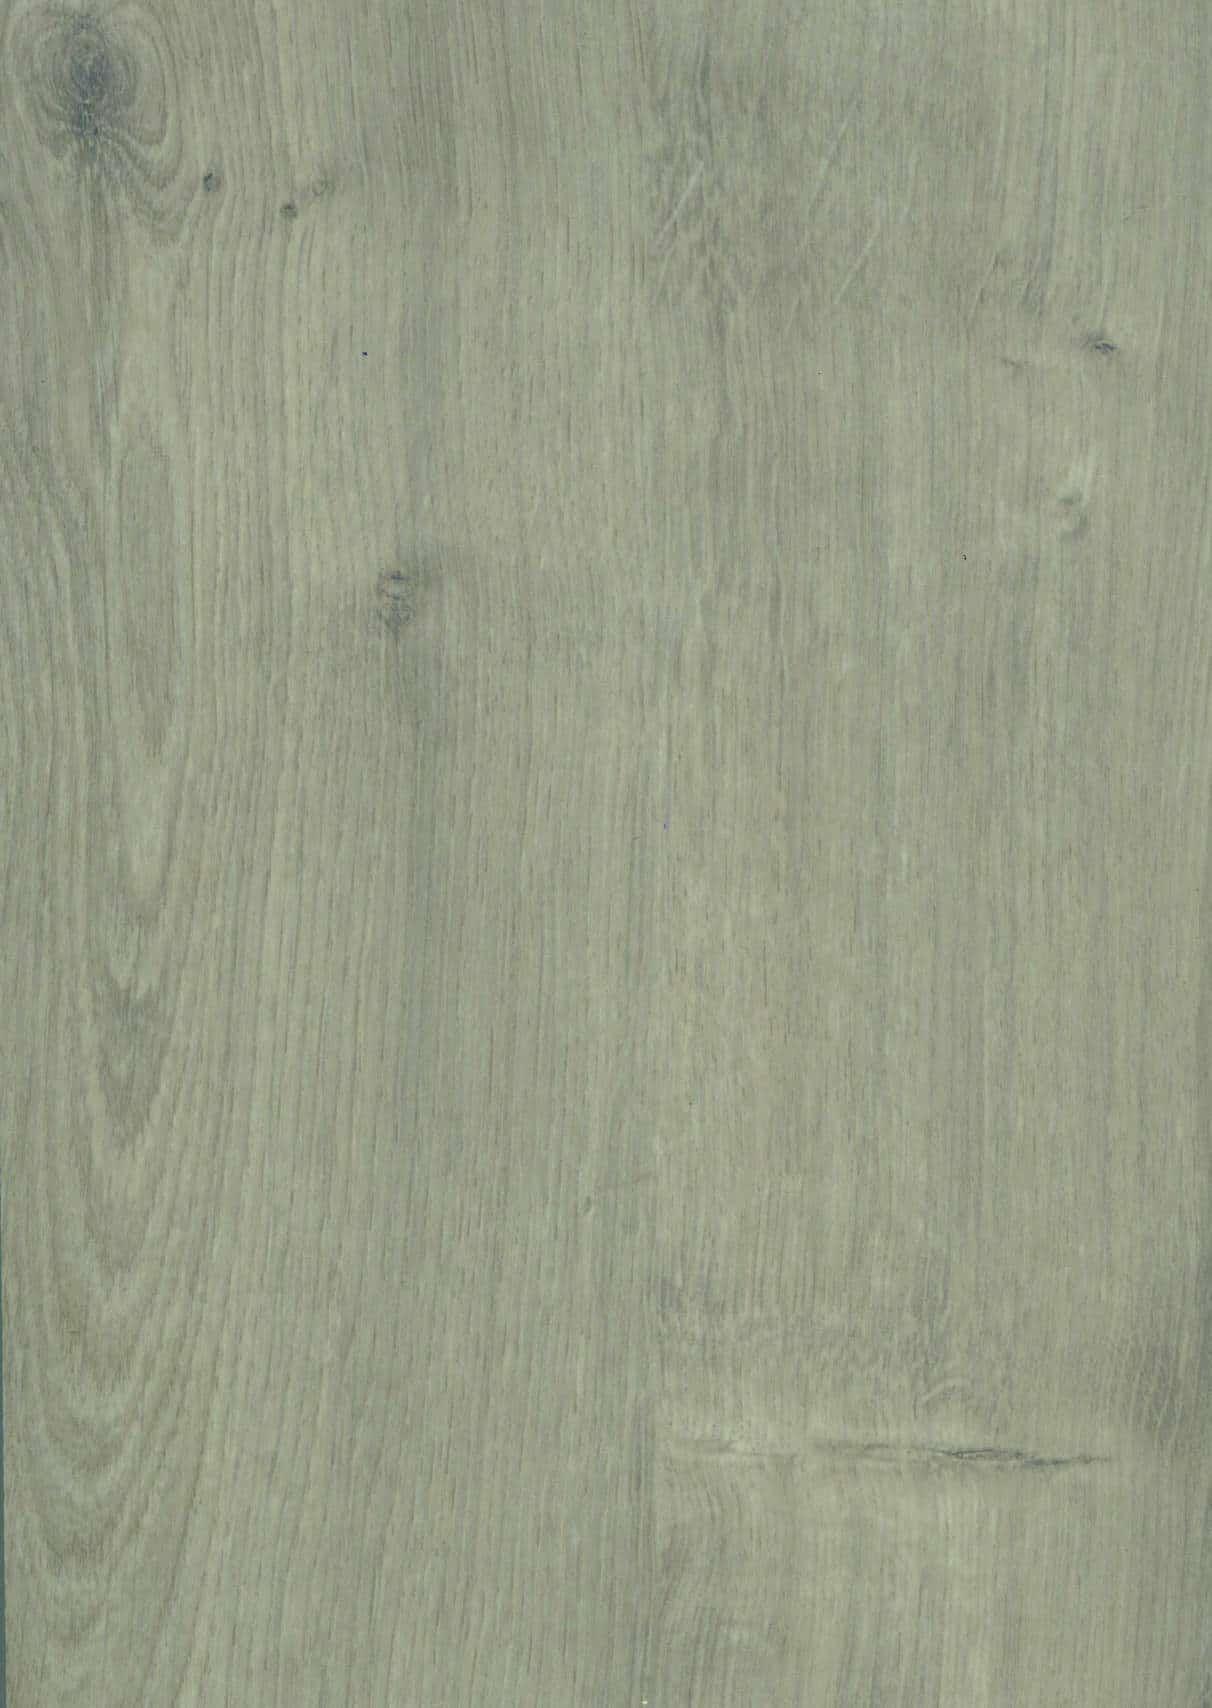 Maison XL (Chroom) Laminaat bestellen   Floorplaza nl